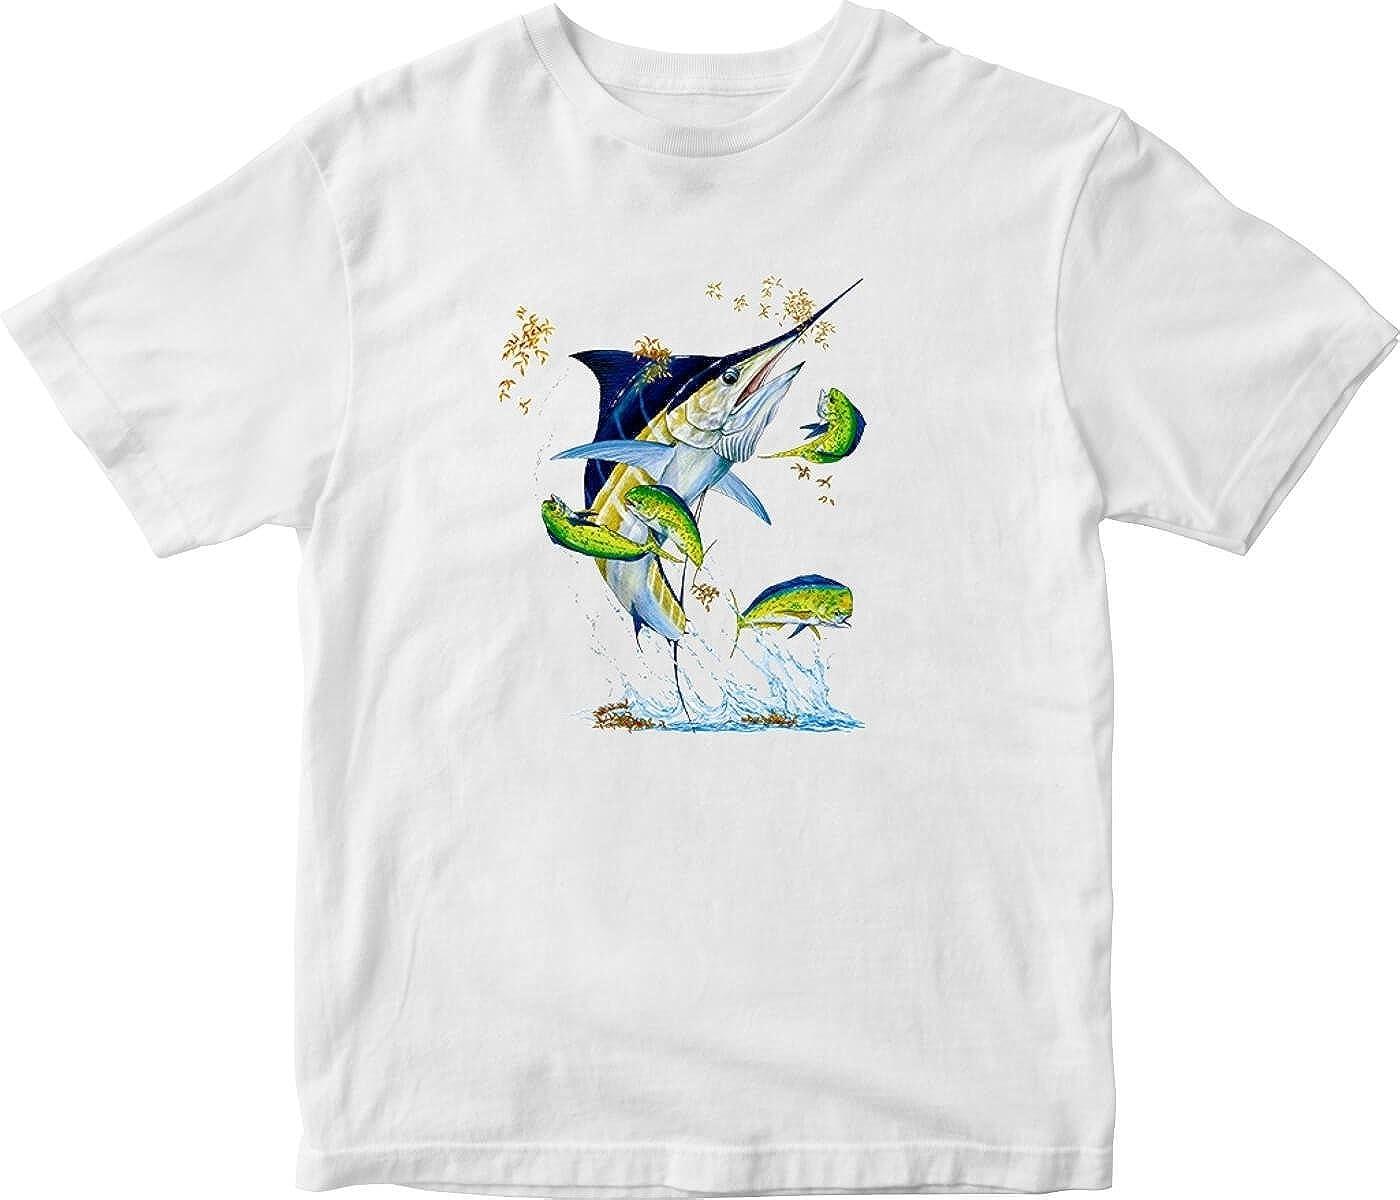 Jumping Sailfish Adult Printed T-Shirt